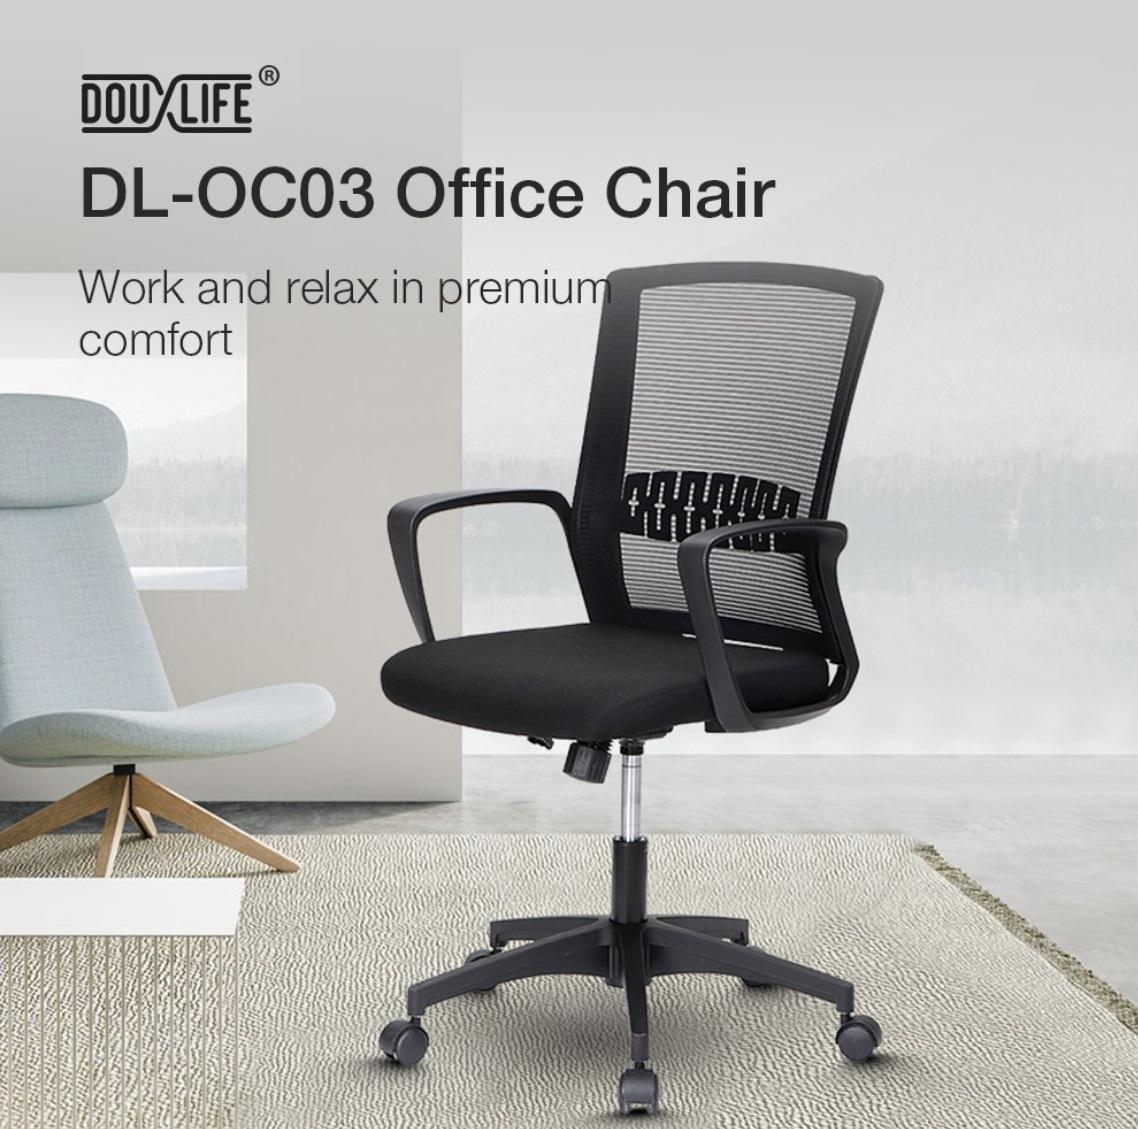 Douxlife DL-OC03